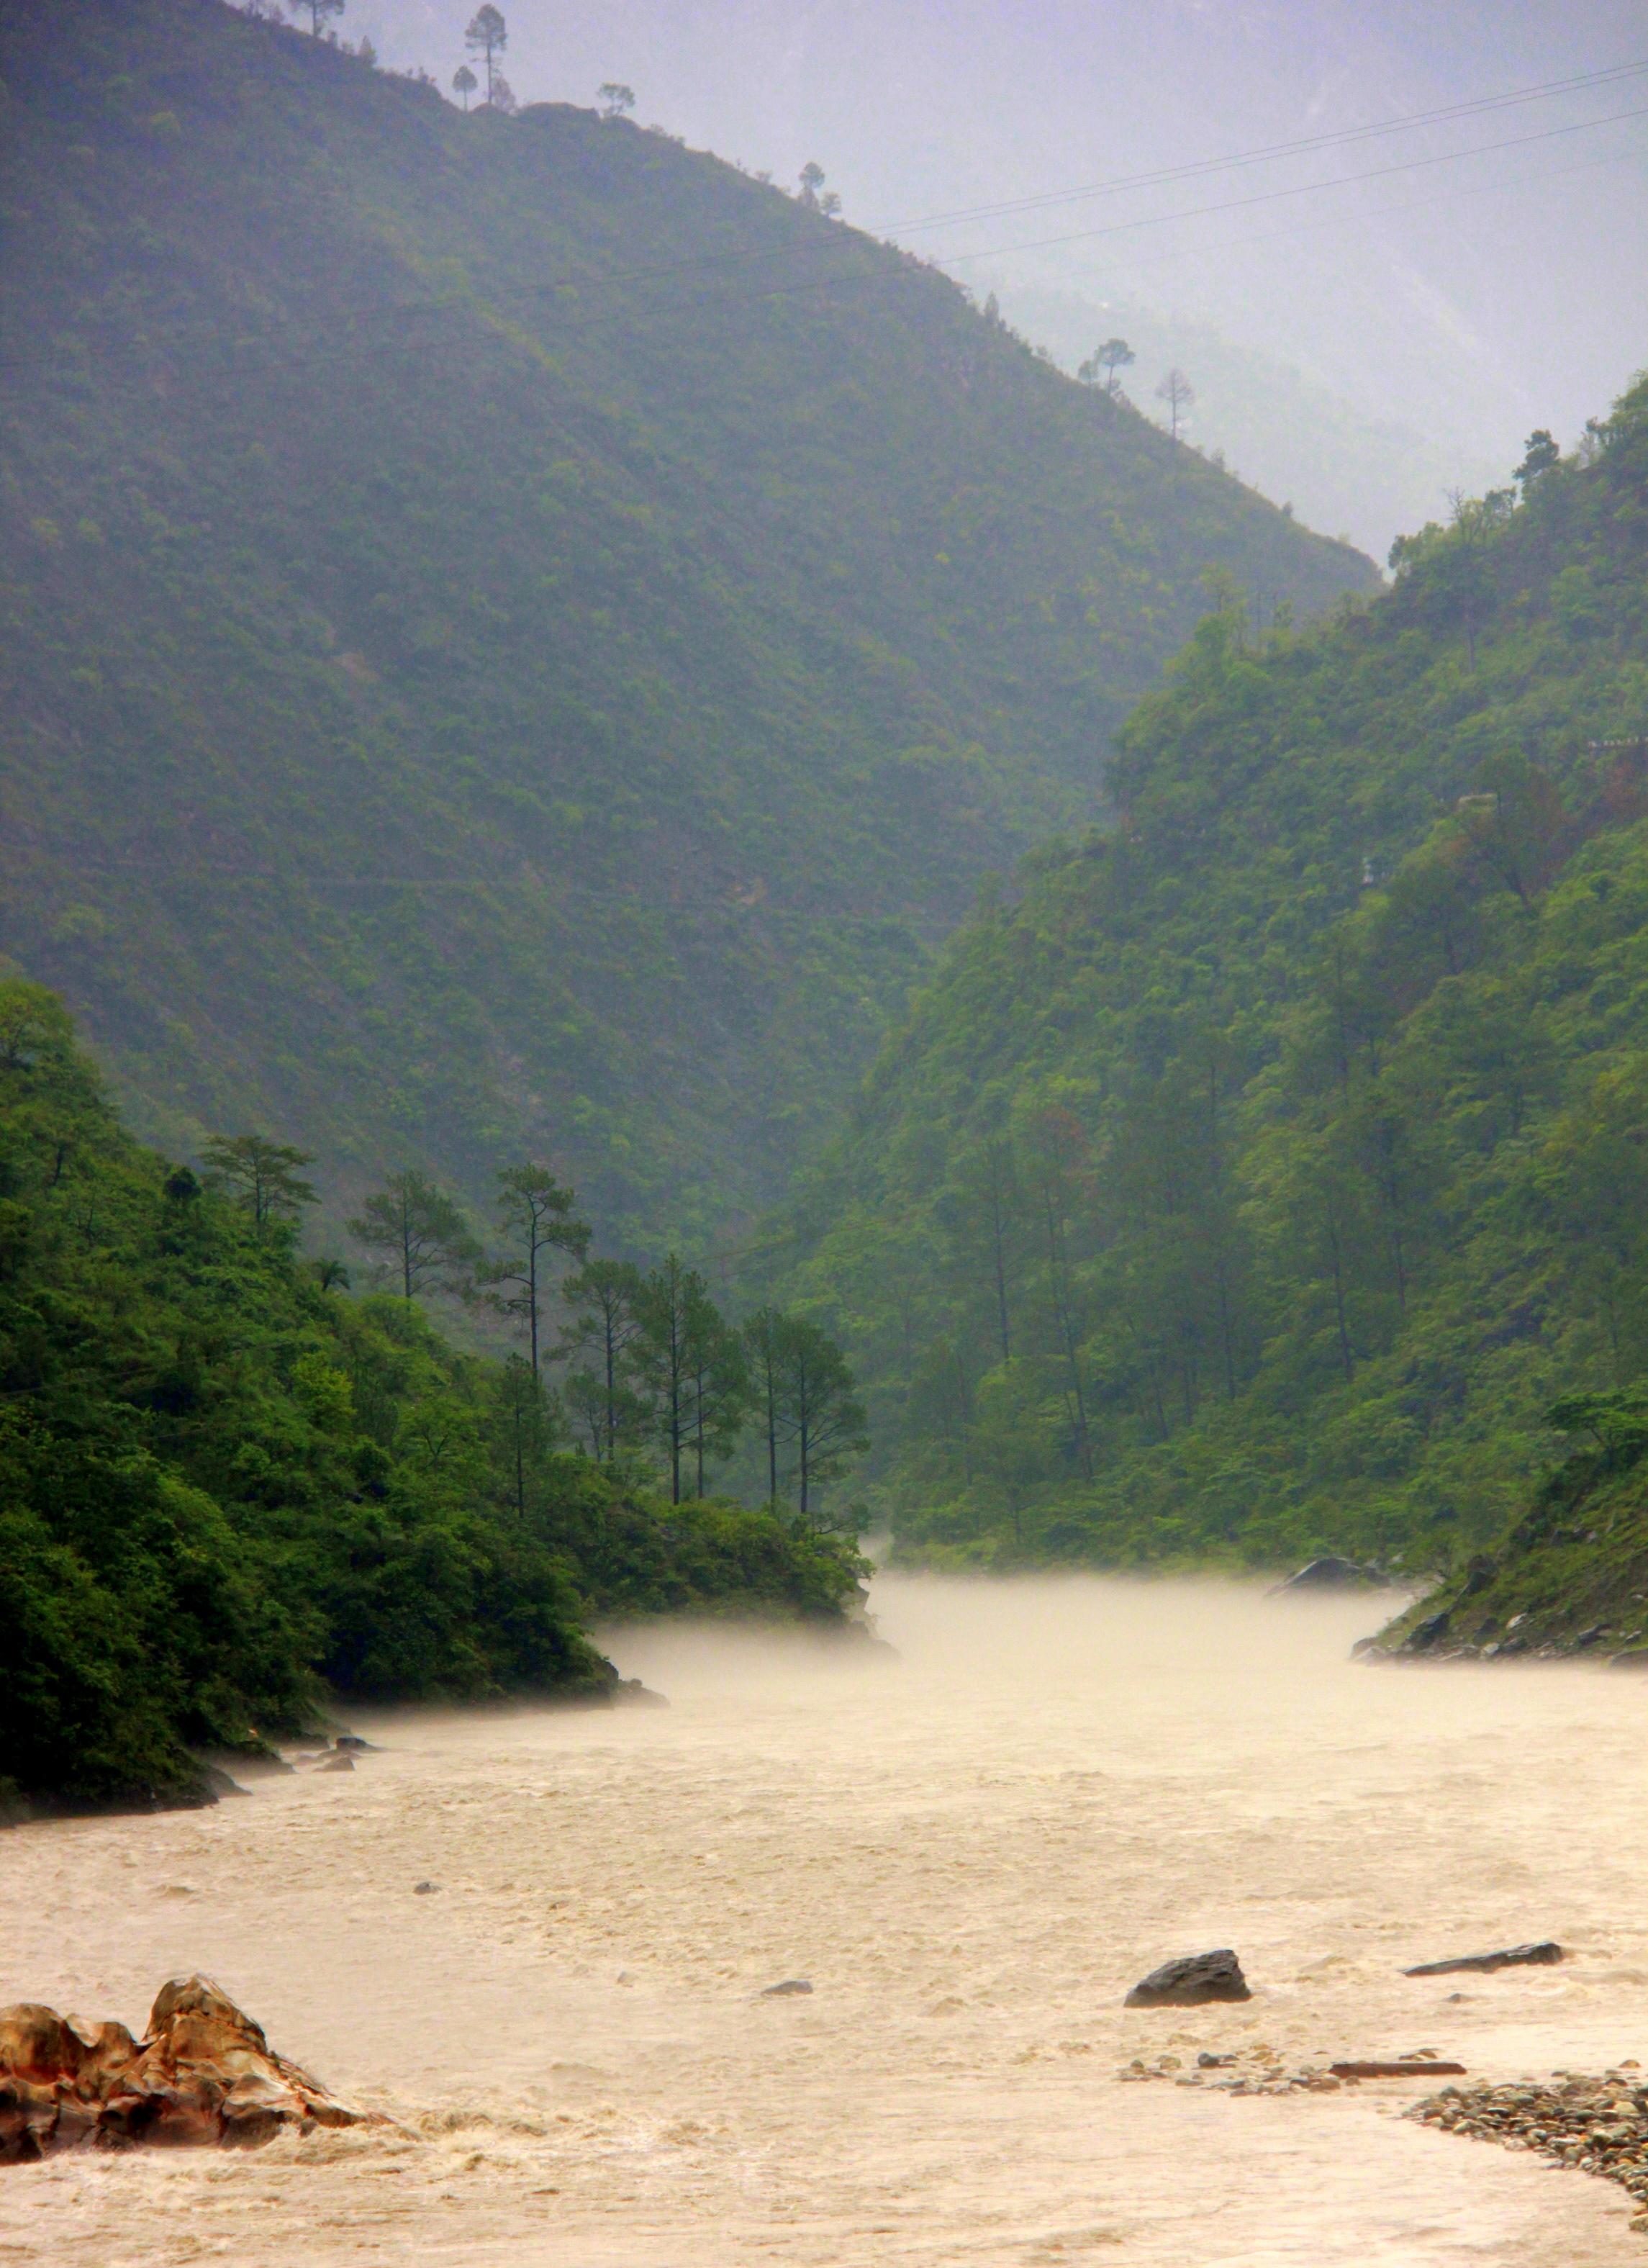 Uttarakhand prayags are misty and beautiful